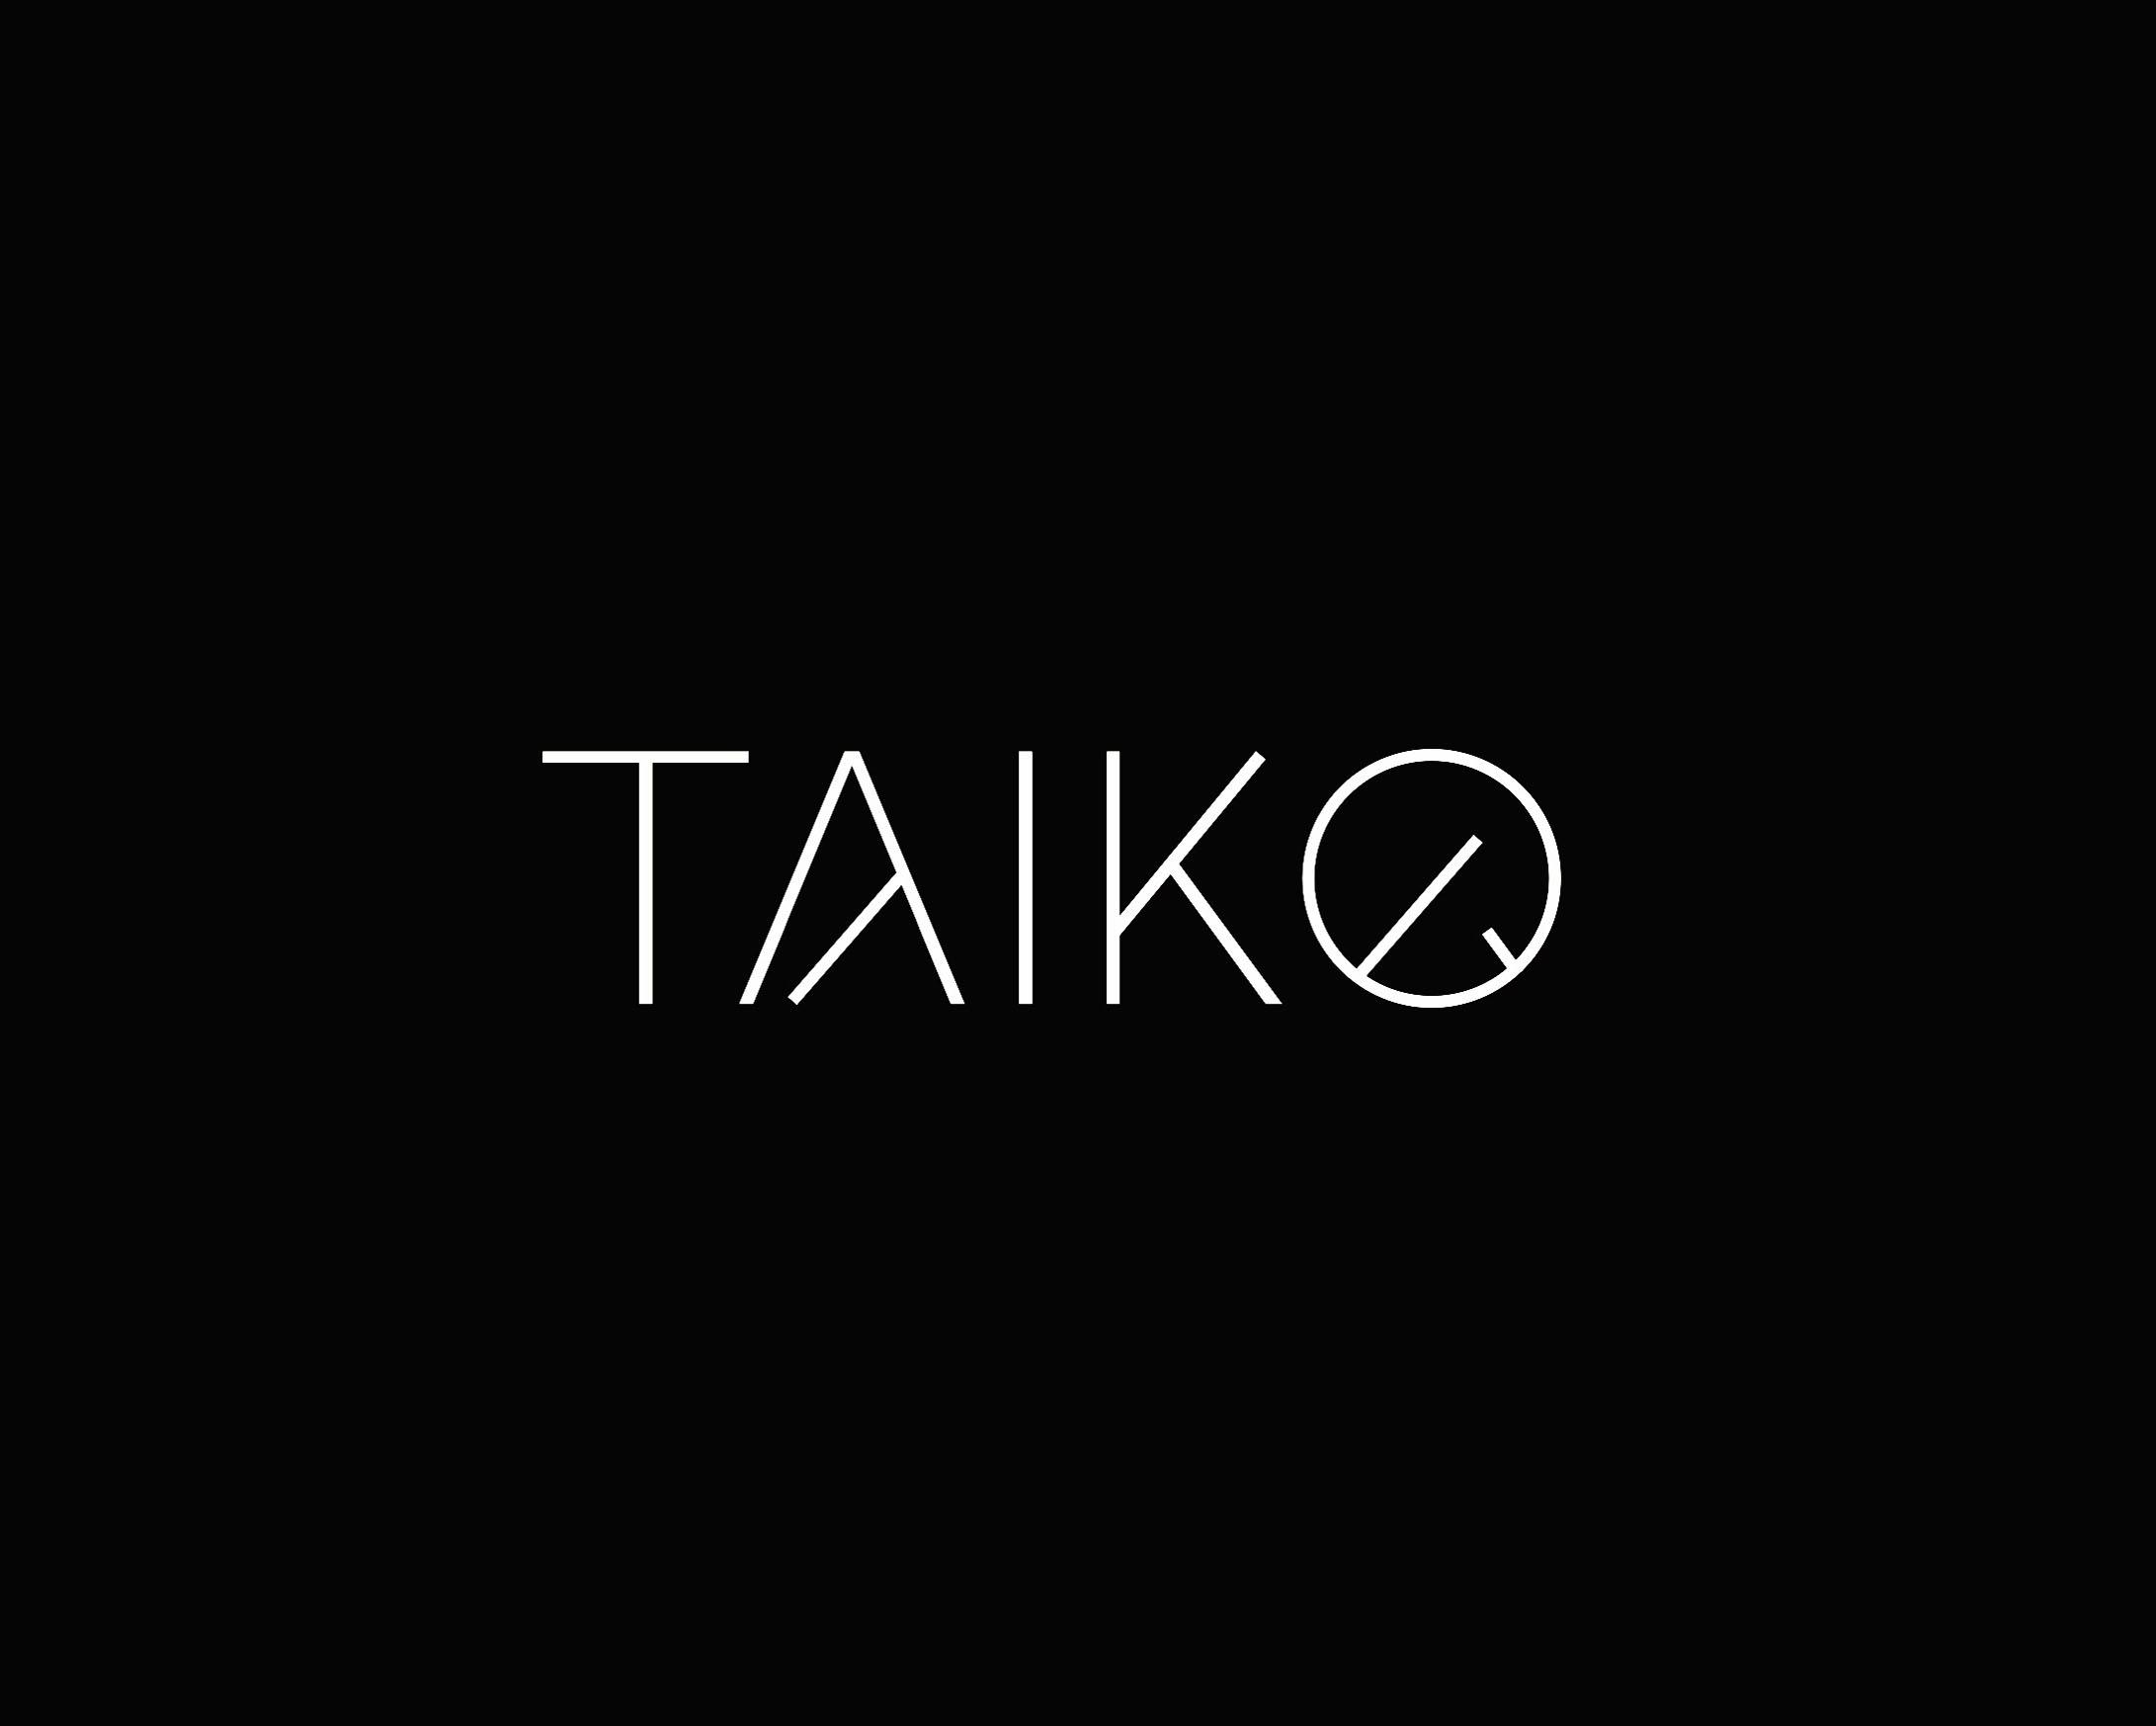 Taiko-restaurant-02